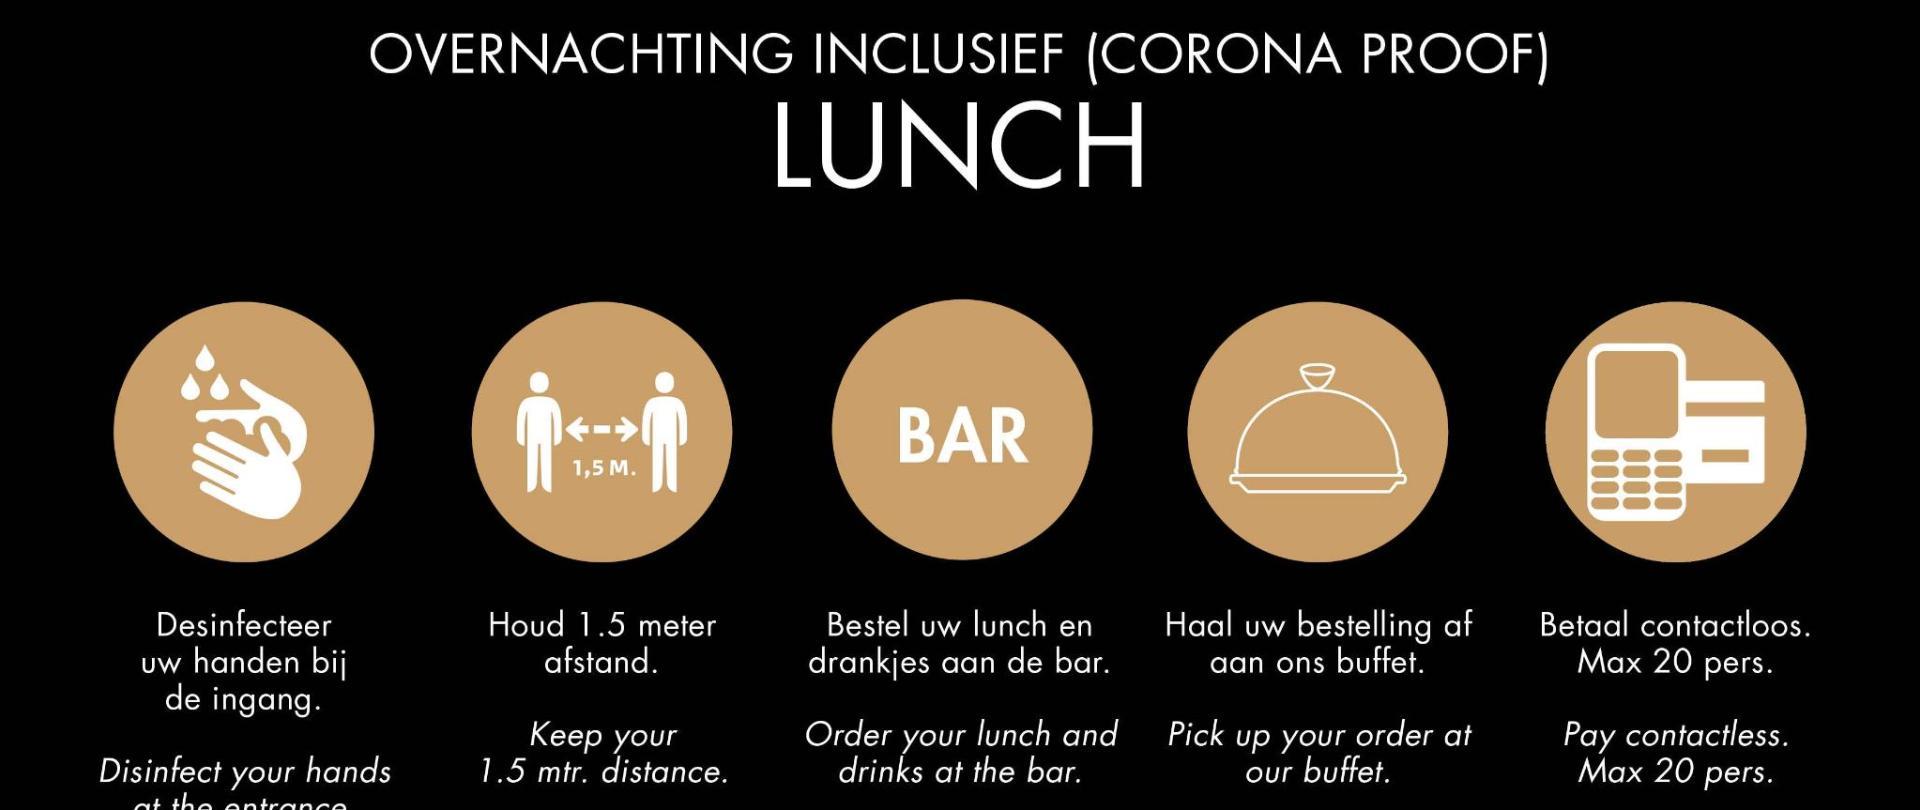 Corona maatregelen_zwart lunch.jpg